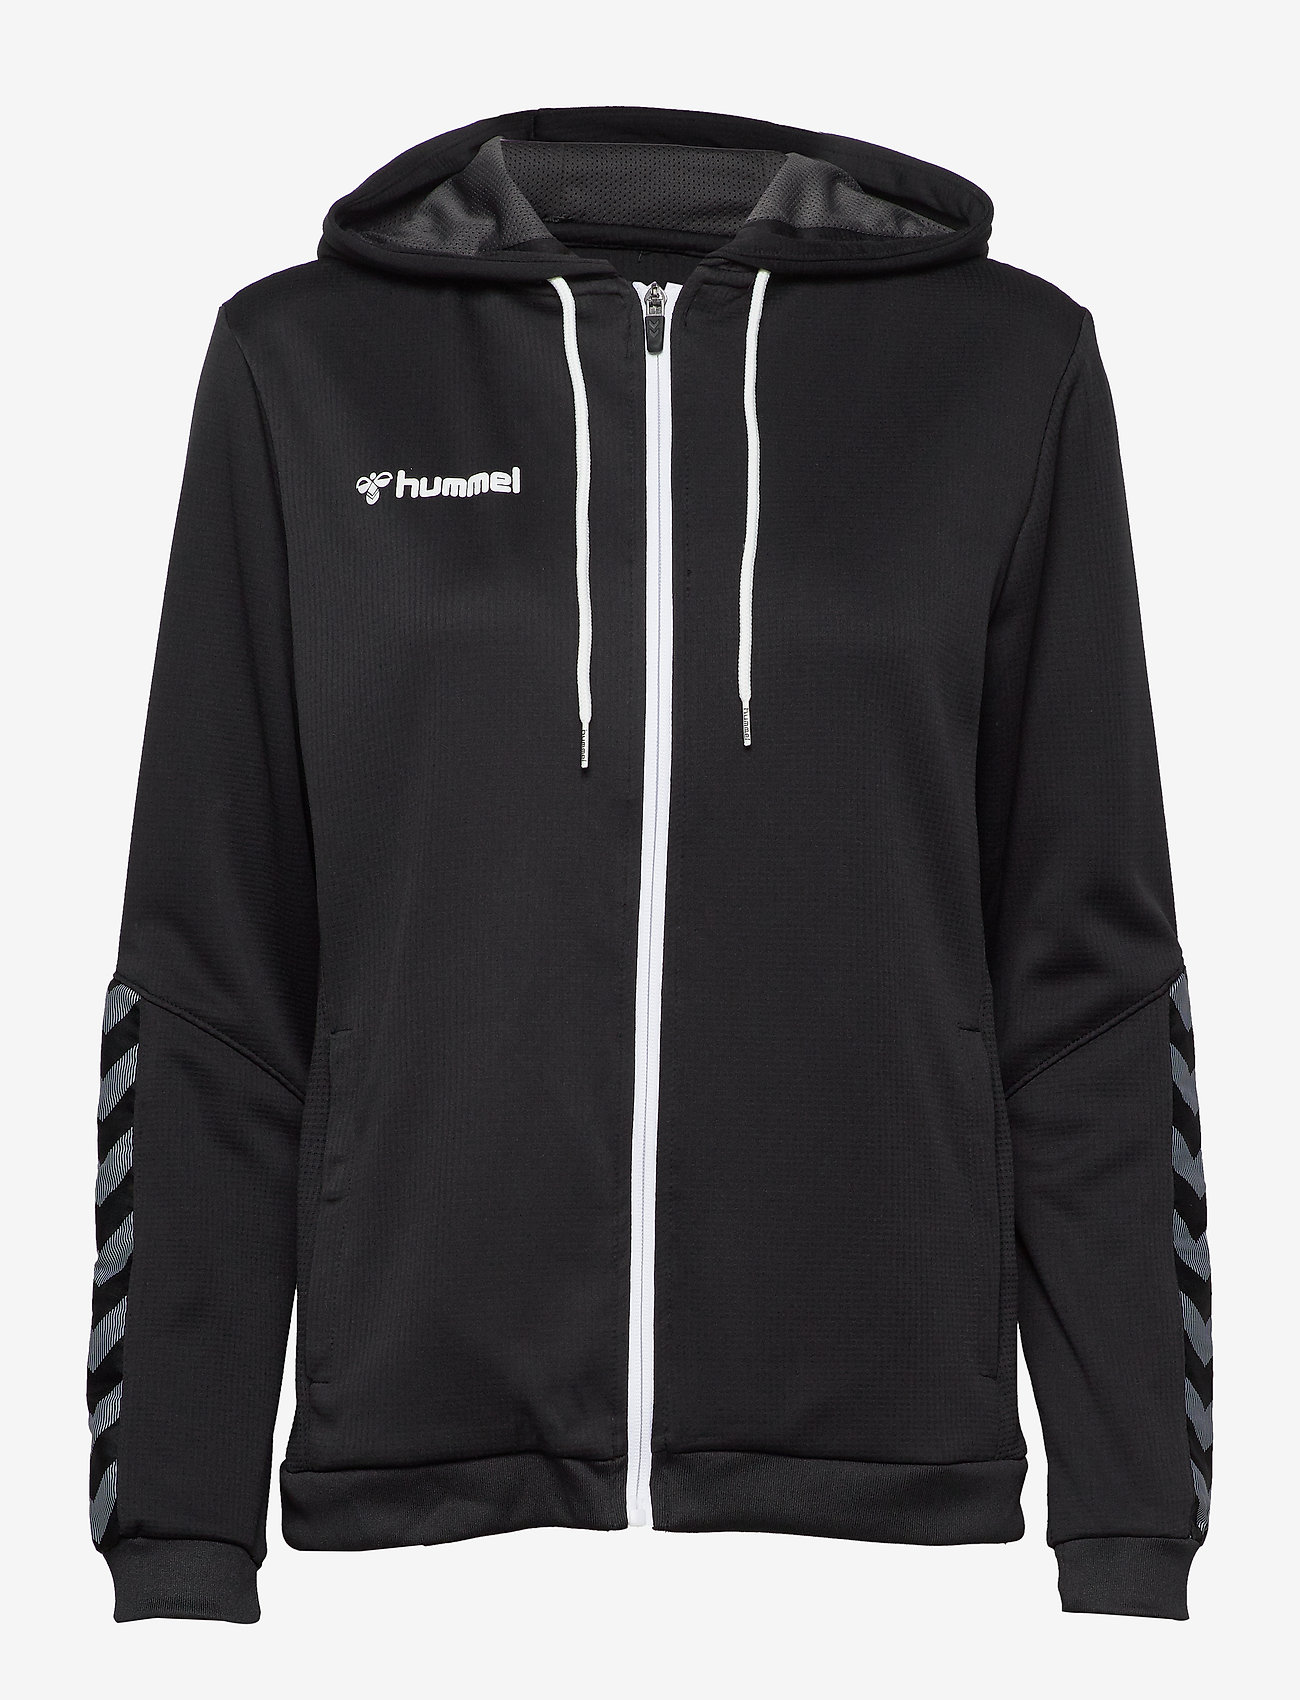 Hummel - hmlAUTHENTIC POLY ZIP HOODIE WOMAN - hoodies - black/white - 0